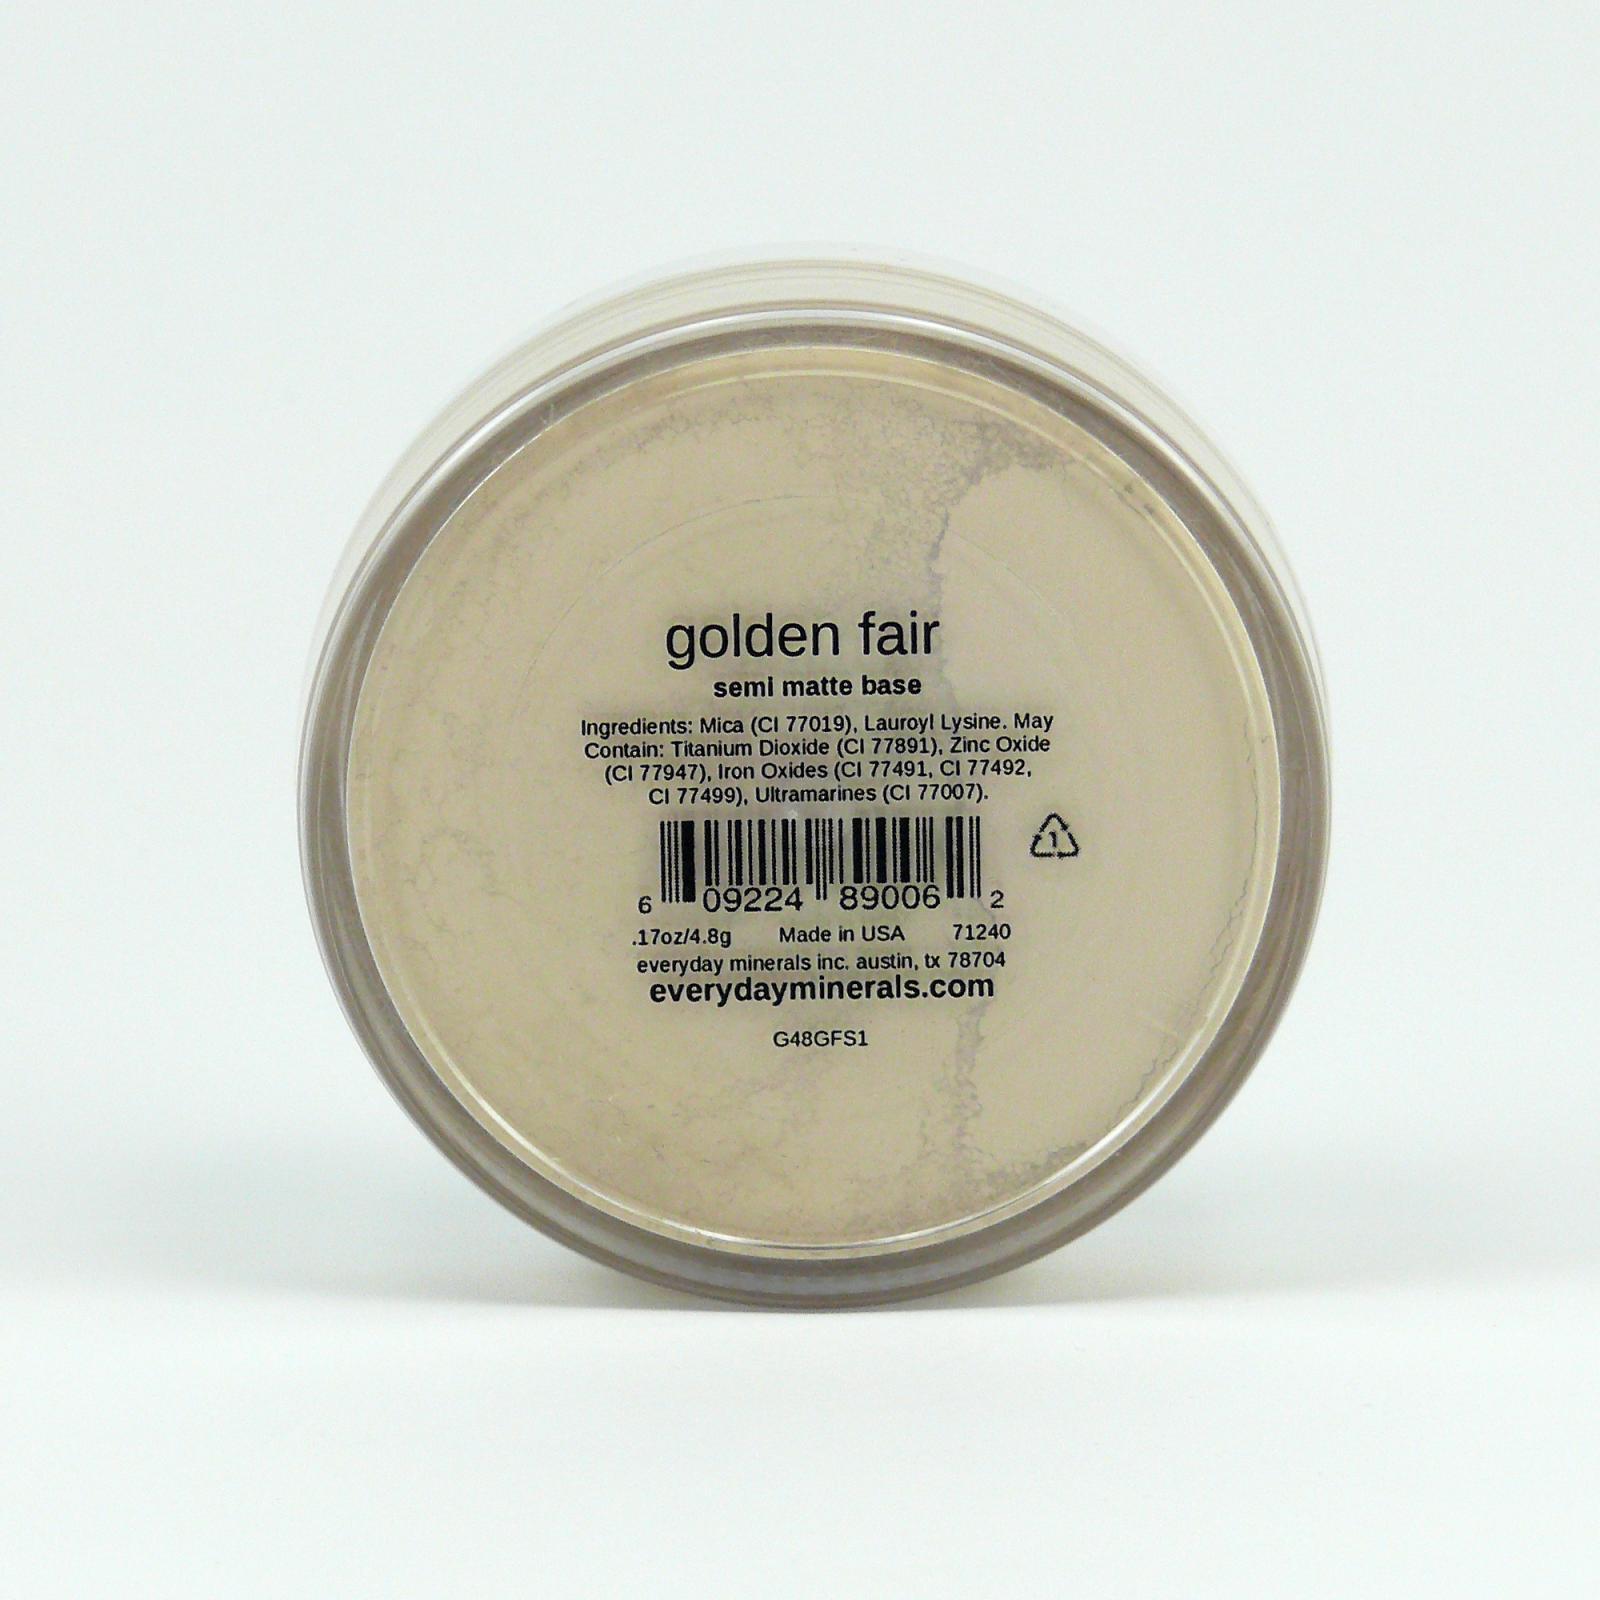 Everyday Minerals Minerální make-up Golden Fair, Semi-matte 4,8 g